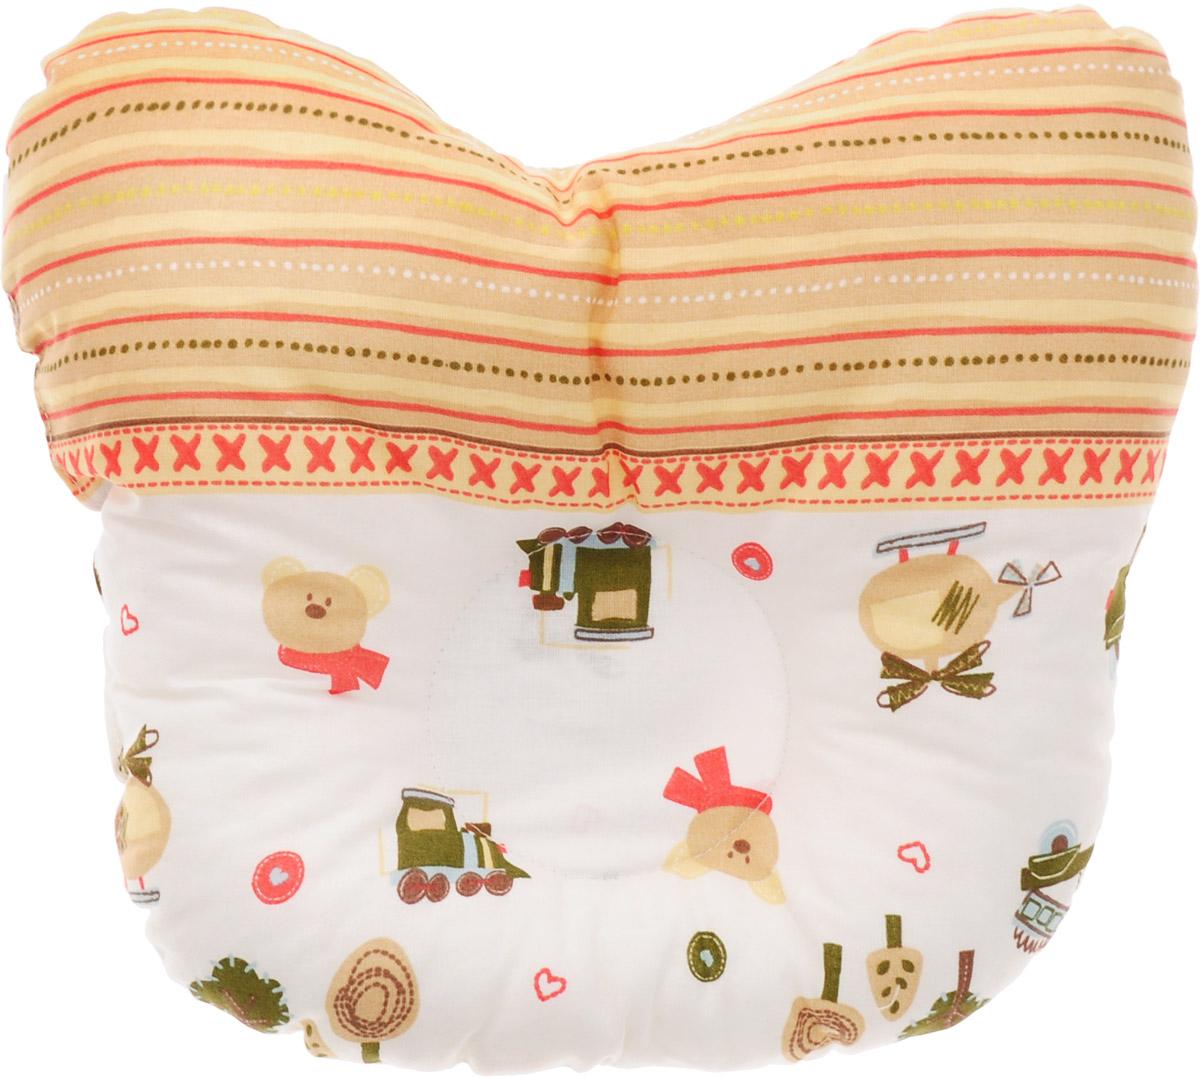 Сонный гномик Подушка анатомическая для младенцев Машинки и мишки 27 х 27 смS03301004Анатомическая подушка для младенцев Сонный гномик Машинки и мишки изготовлена из бязи - 100% хлопка. Наполнитель - синтепон в гранулах (100% полиэстер).Подушка компактна и удобна для пеленания малыша и кормления на руках, она также незаменима для сна ребенка в кроватке и комфортна для использования в коляске на прогулке. Углубление в подушке фиксирует правильное положение головы ребенка.Подушка помогает правильному формированию шейного отдела позвоночника.